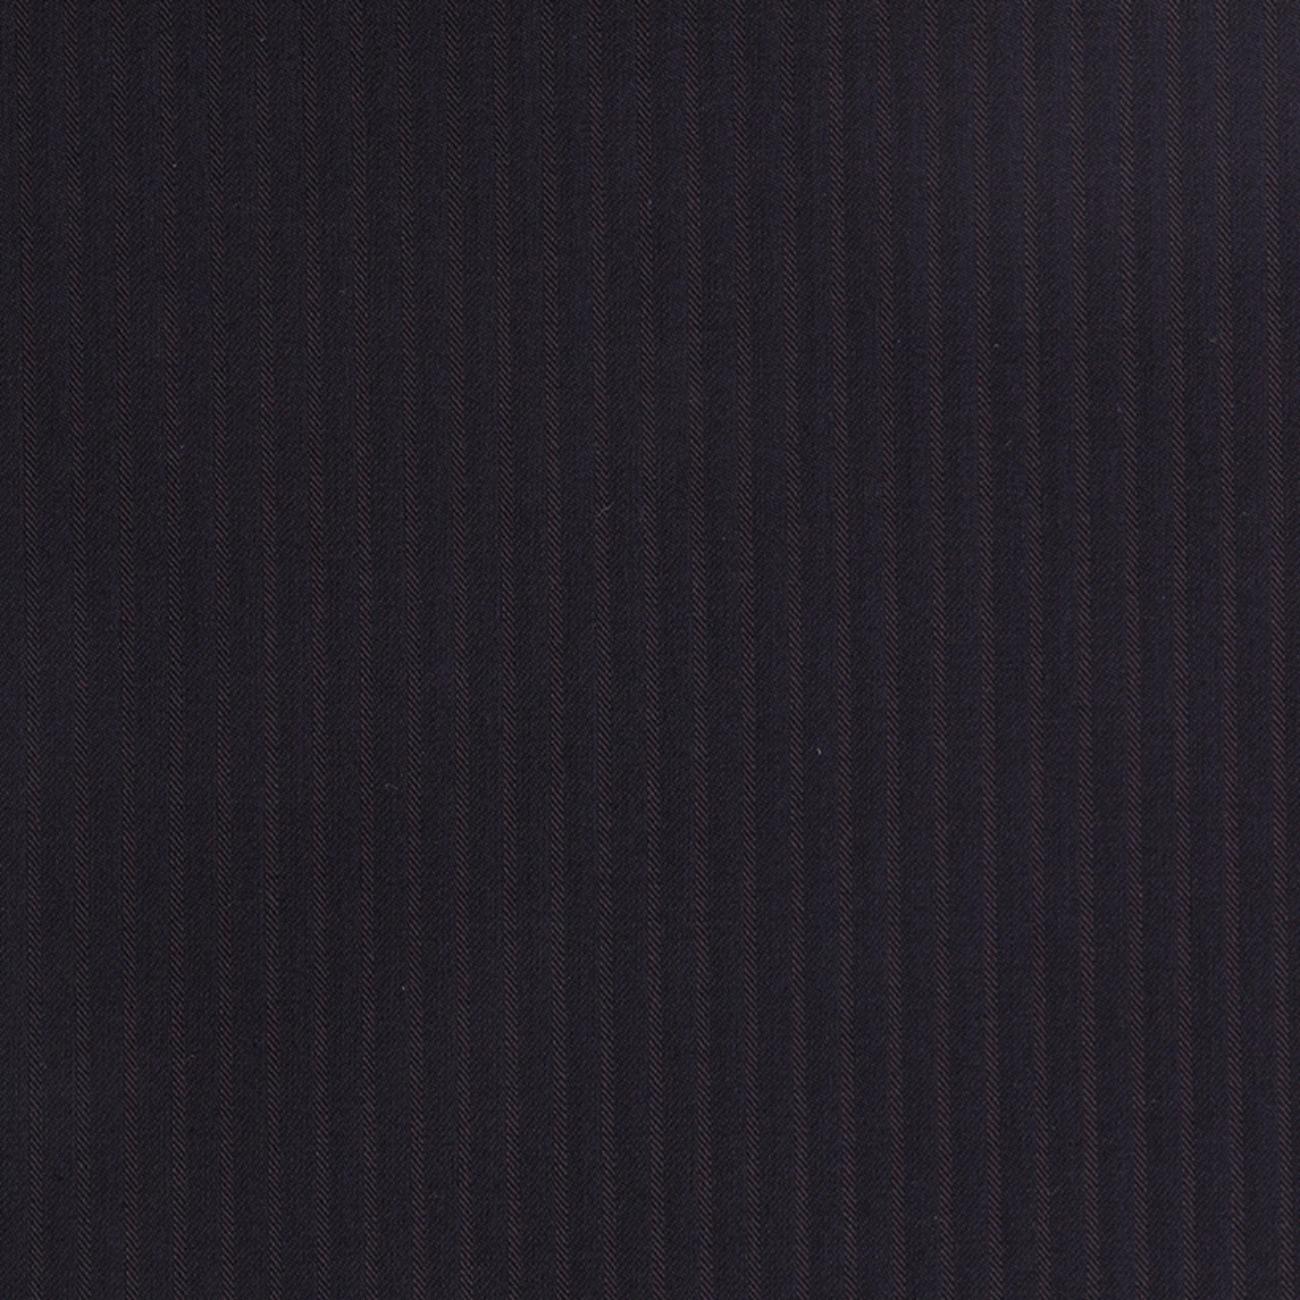 毛纺 条子 羊毛 染色 薄 精仿 西装 职业装 春秋 女装 男装 71122-29